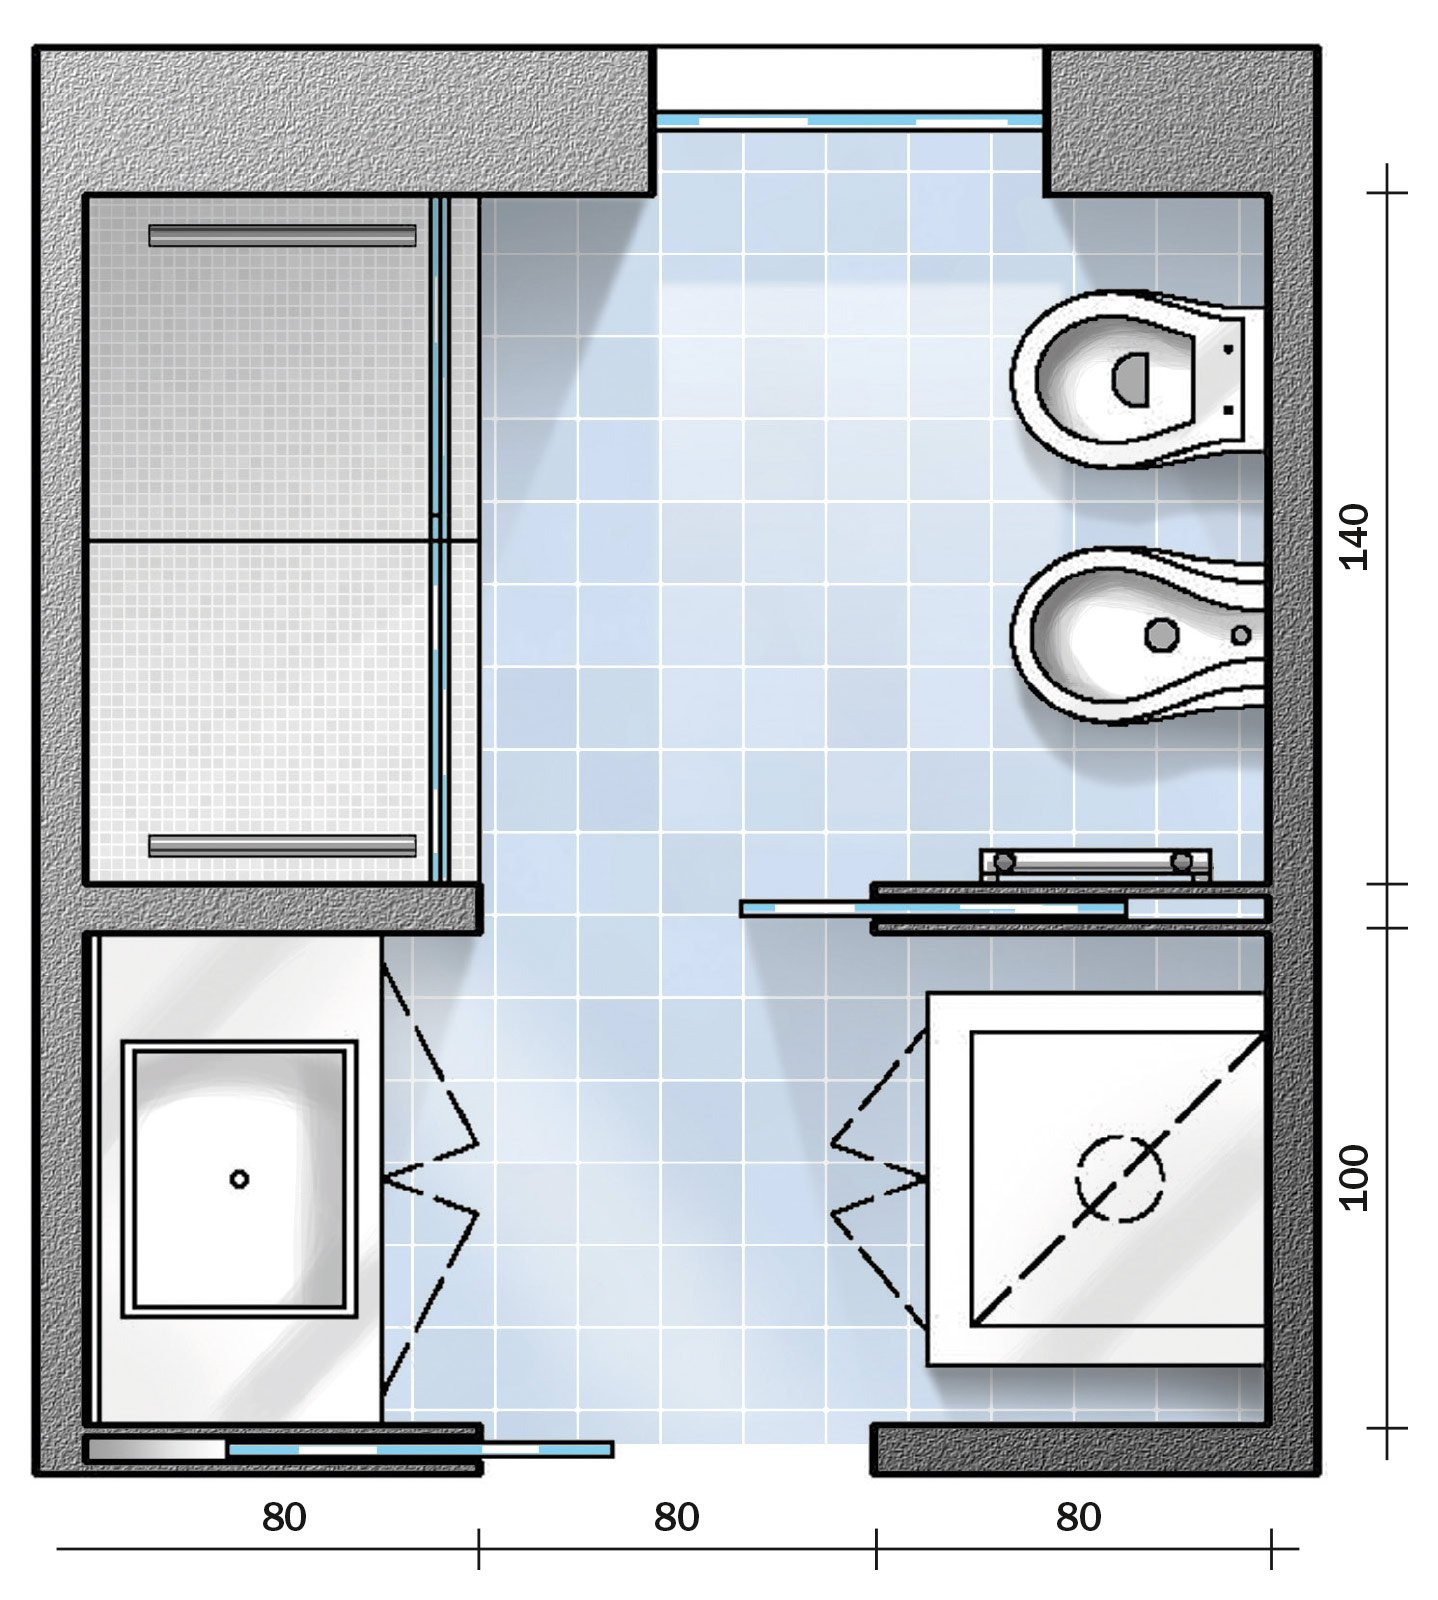 Bagno con pianta del progetto e costi dei lavori prima - Costi per ristrutturare un bagno ...